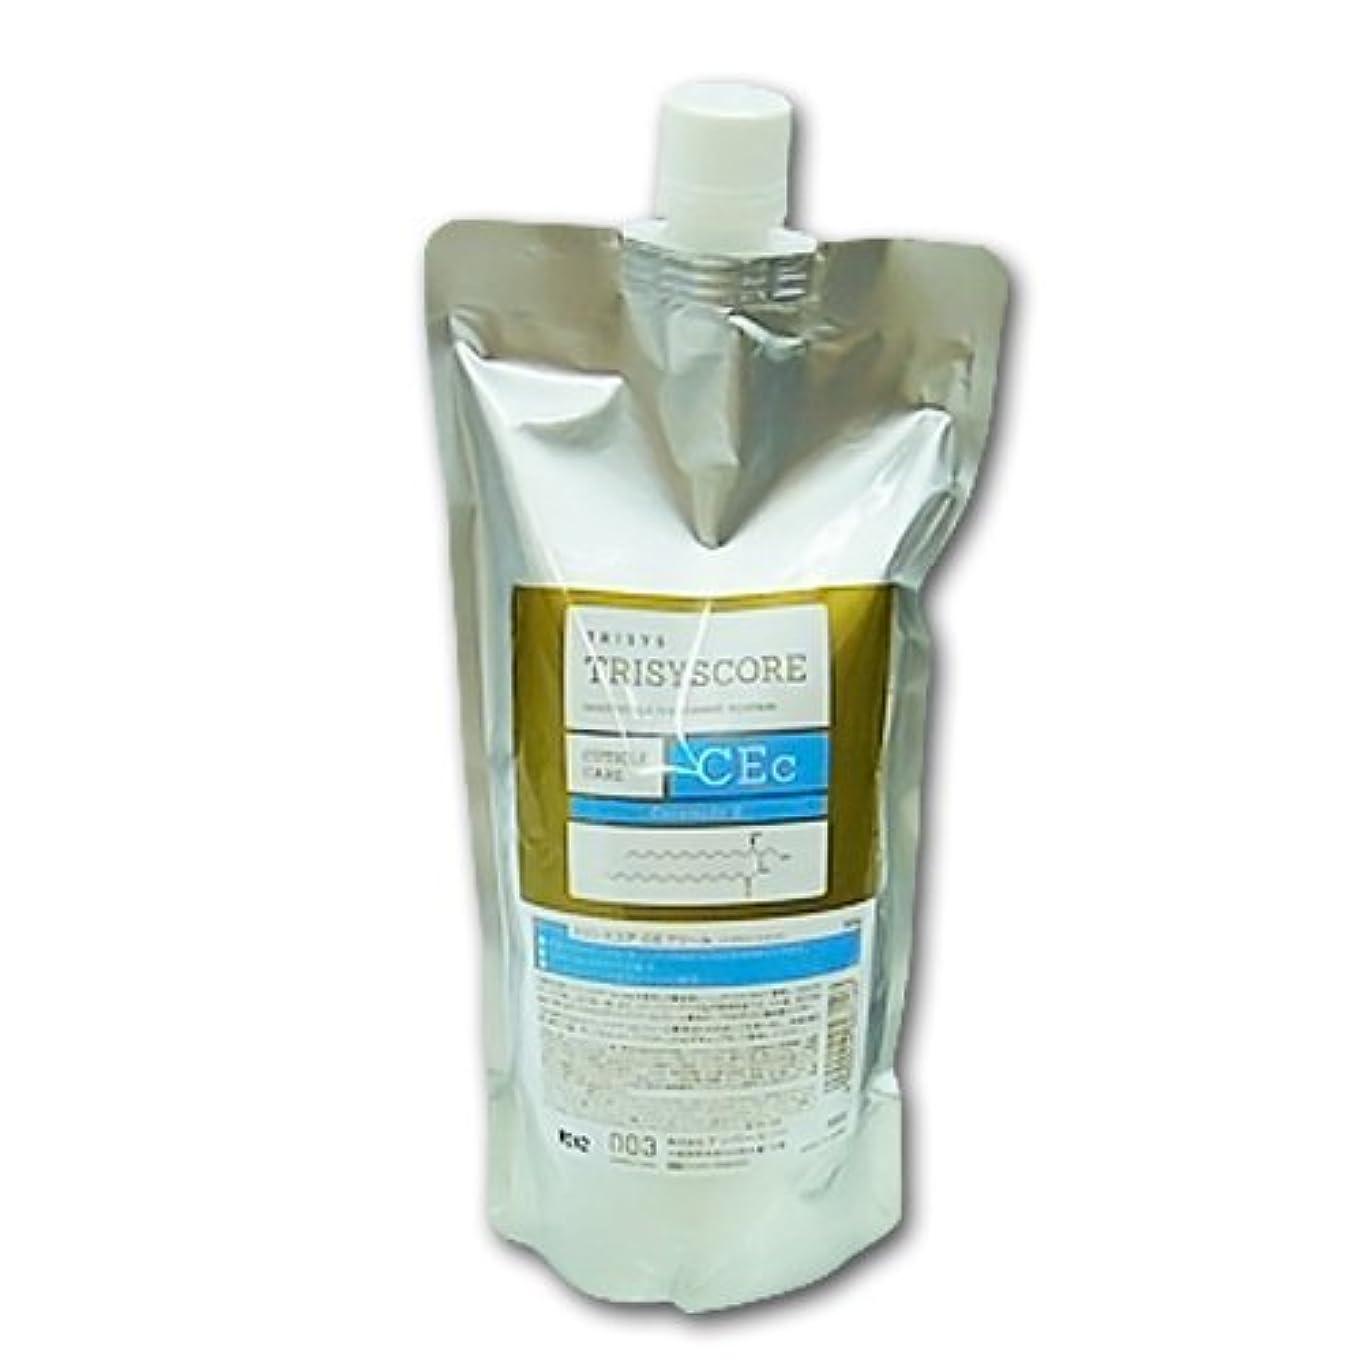 すり減る刺激する値ナンバースリー トリシスコア CEクリーム 500g